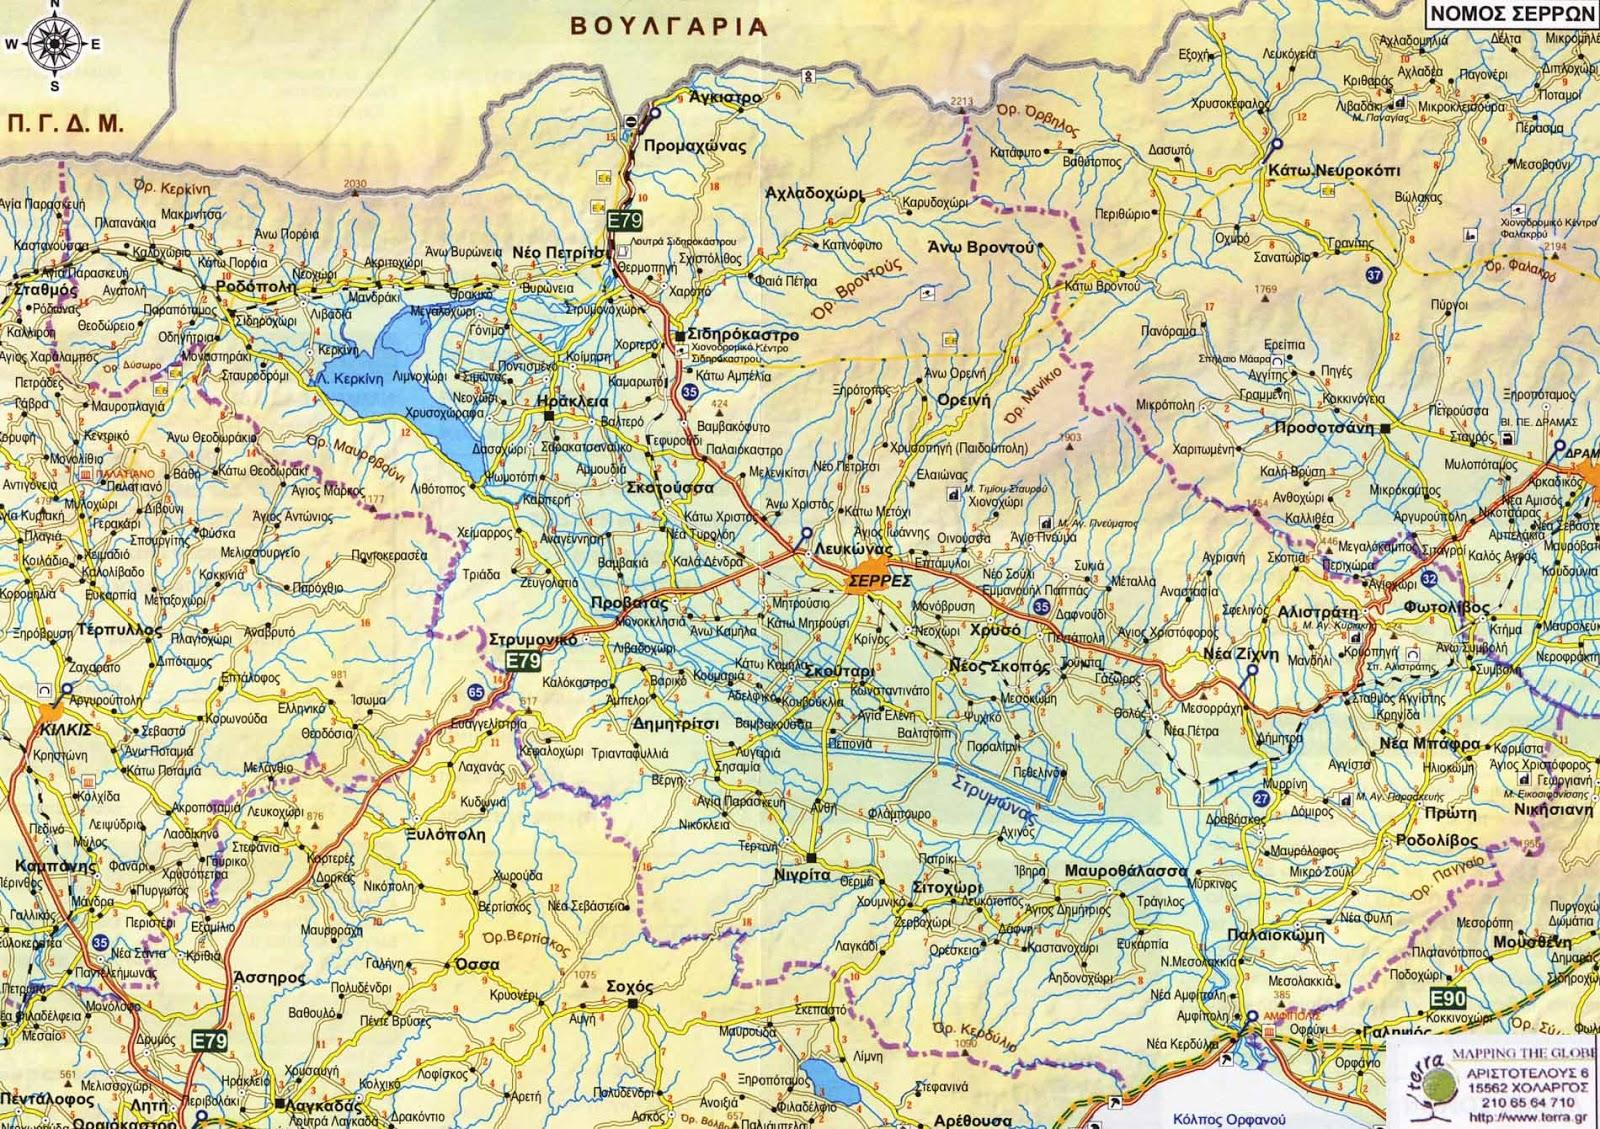 χαρτησ μακεδονιασ οδικοσ